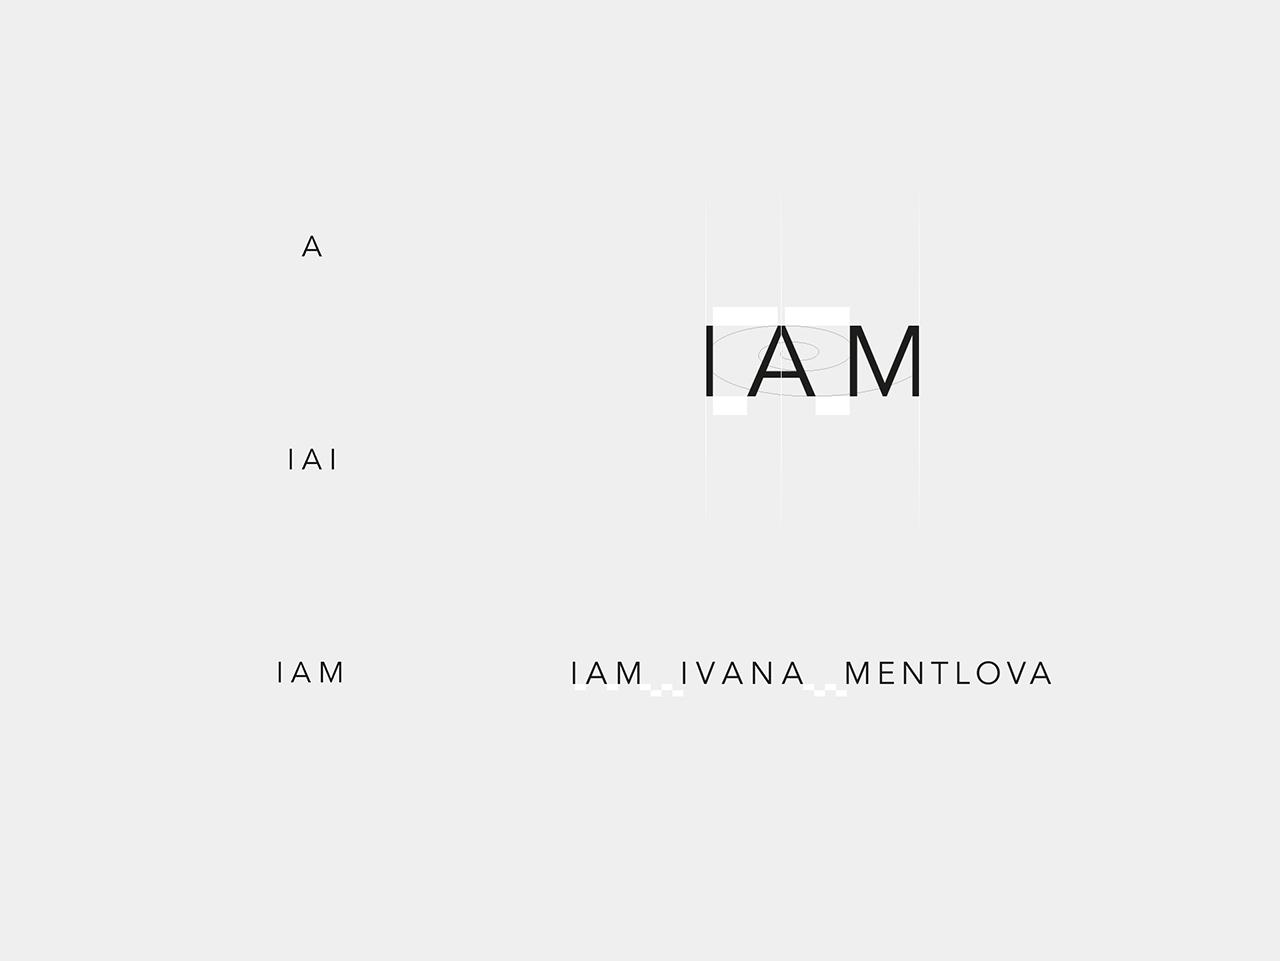 nomads-iam-01